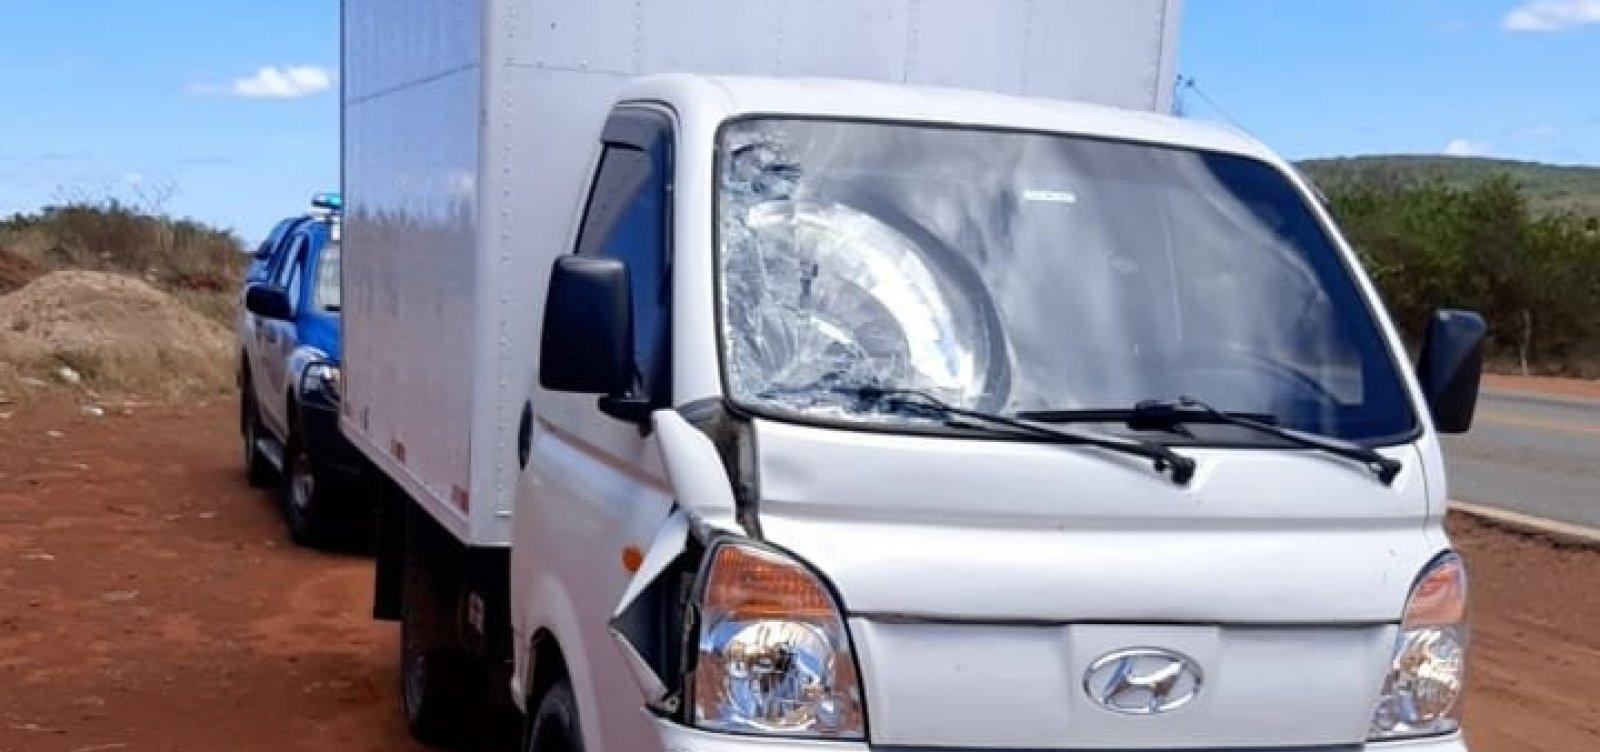 Motorista de caminhonete é preso após atropelar idoso e fugir em Guanambi